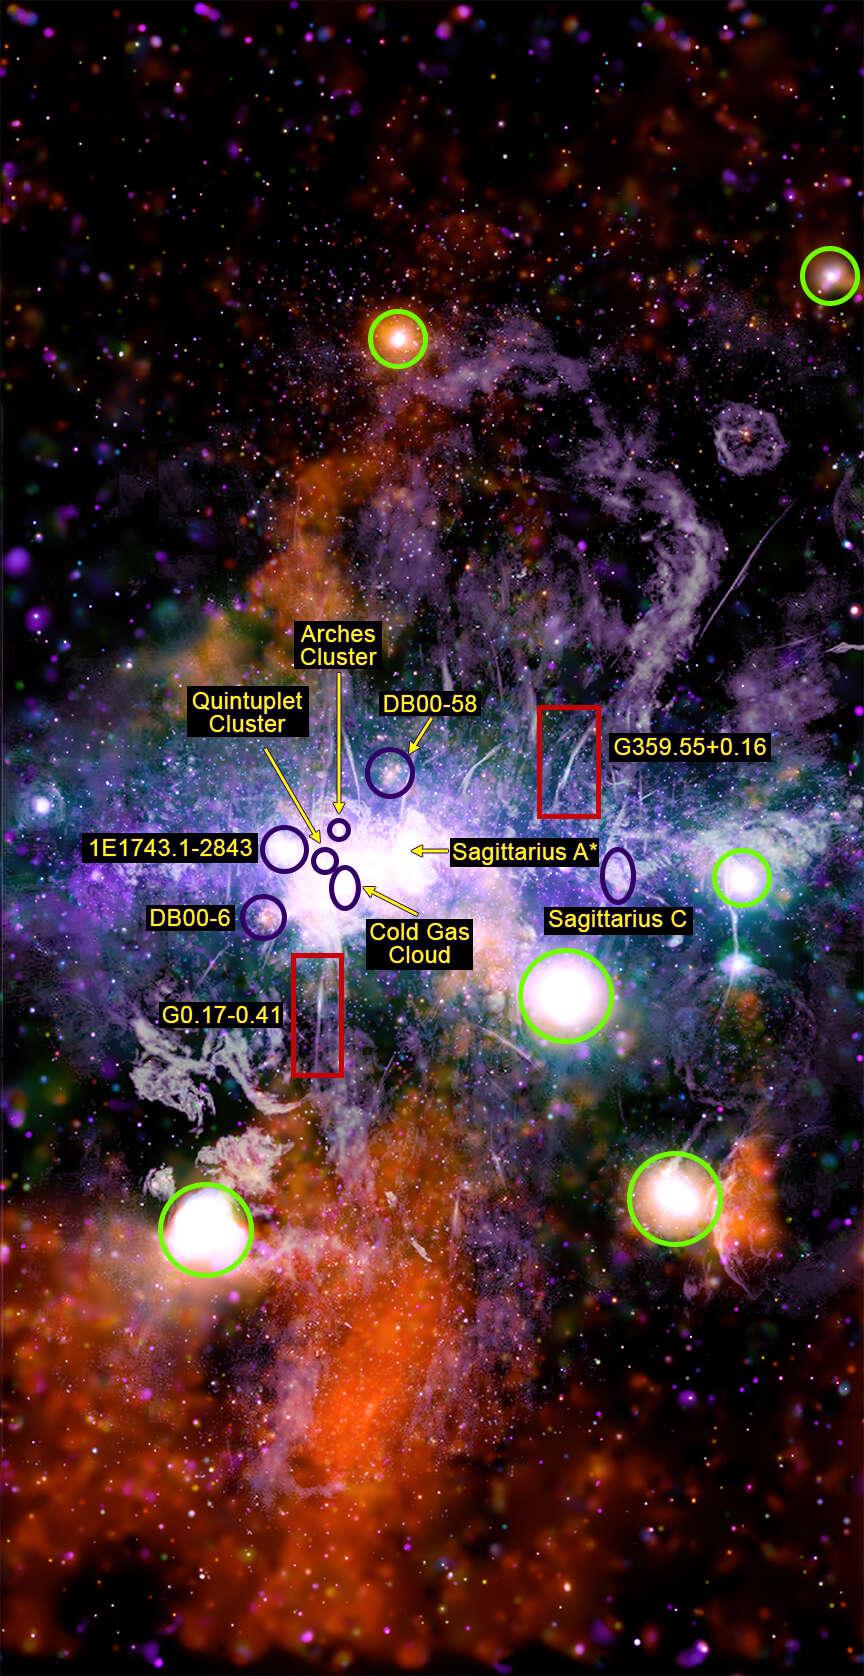 Niesamowity obraz pokazuje centrum Drogi Mlecznej. Oszałamiające zdjęcia zapierają dech